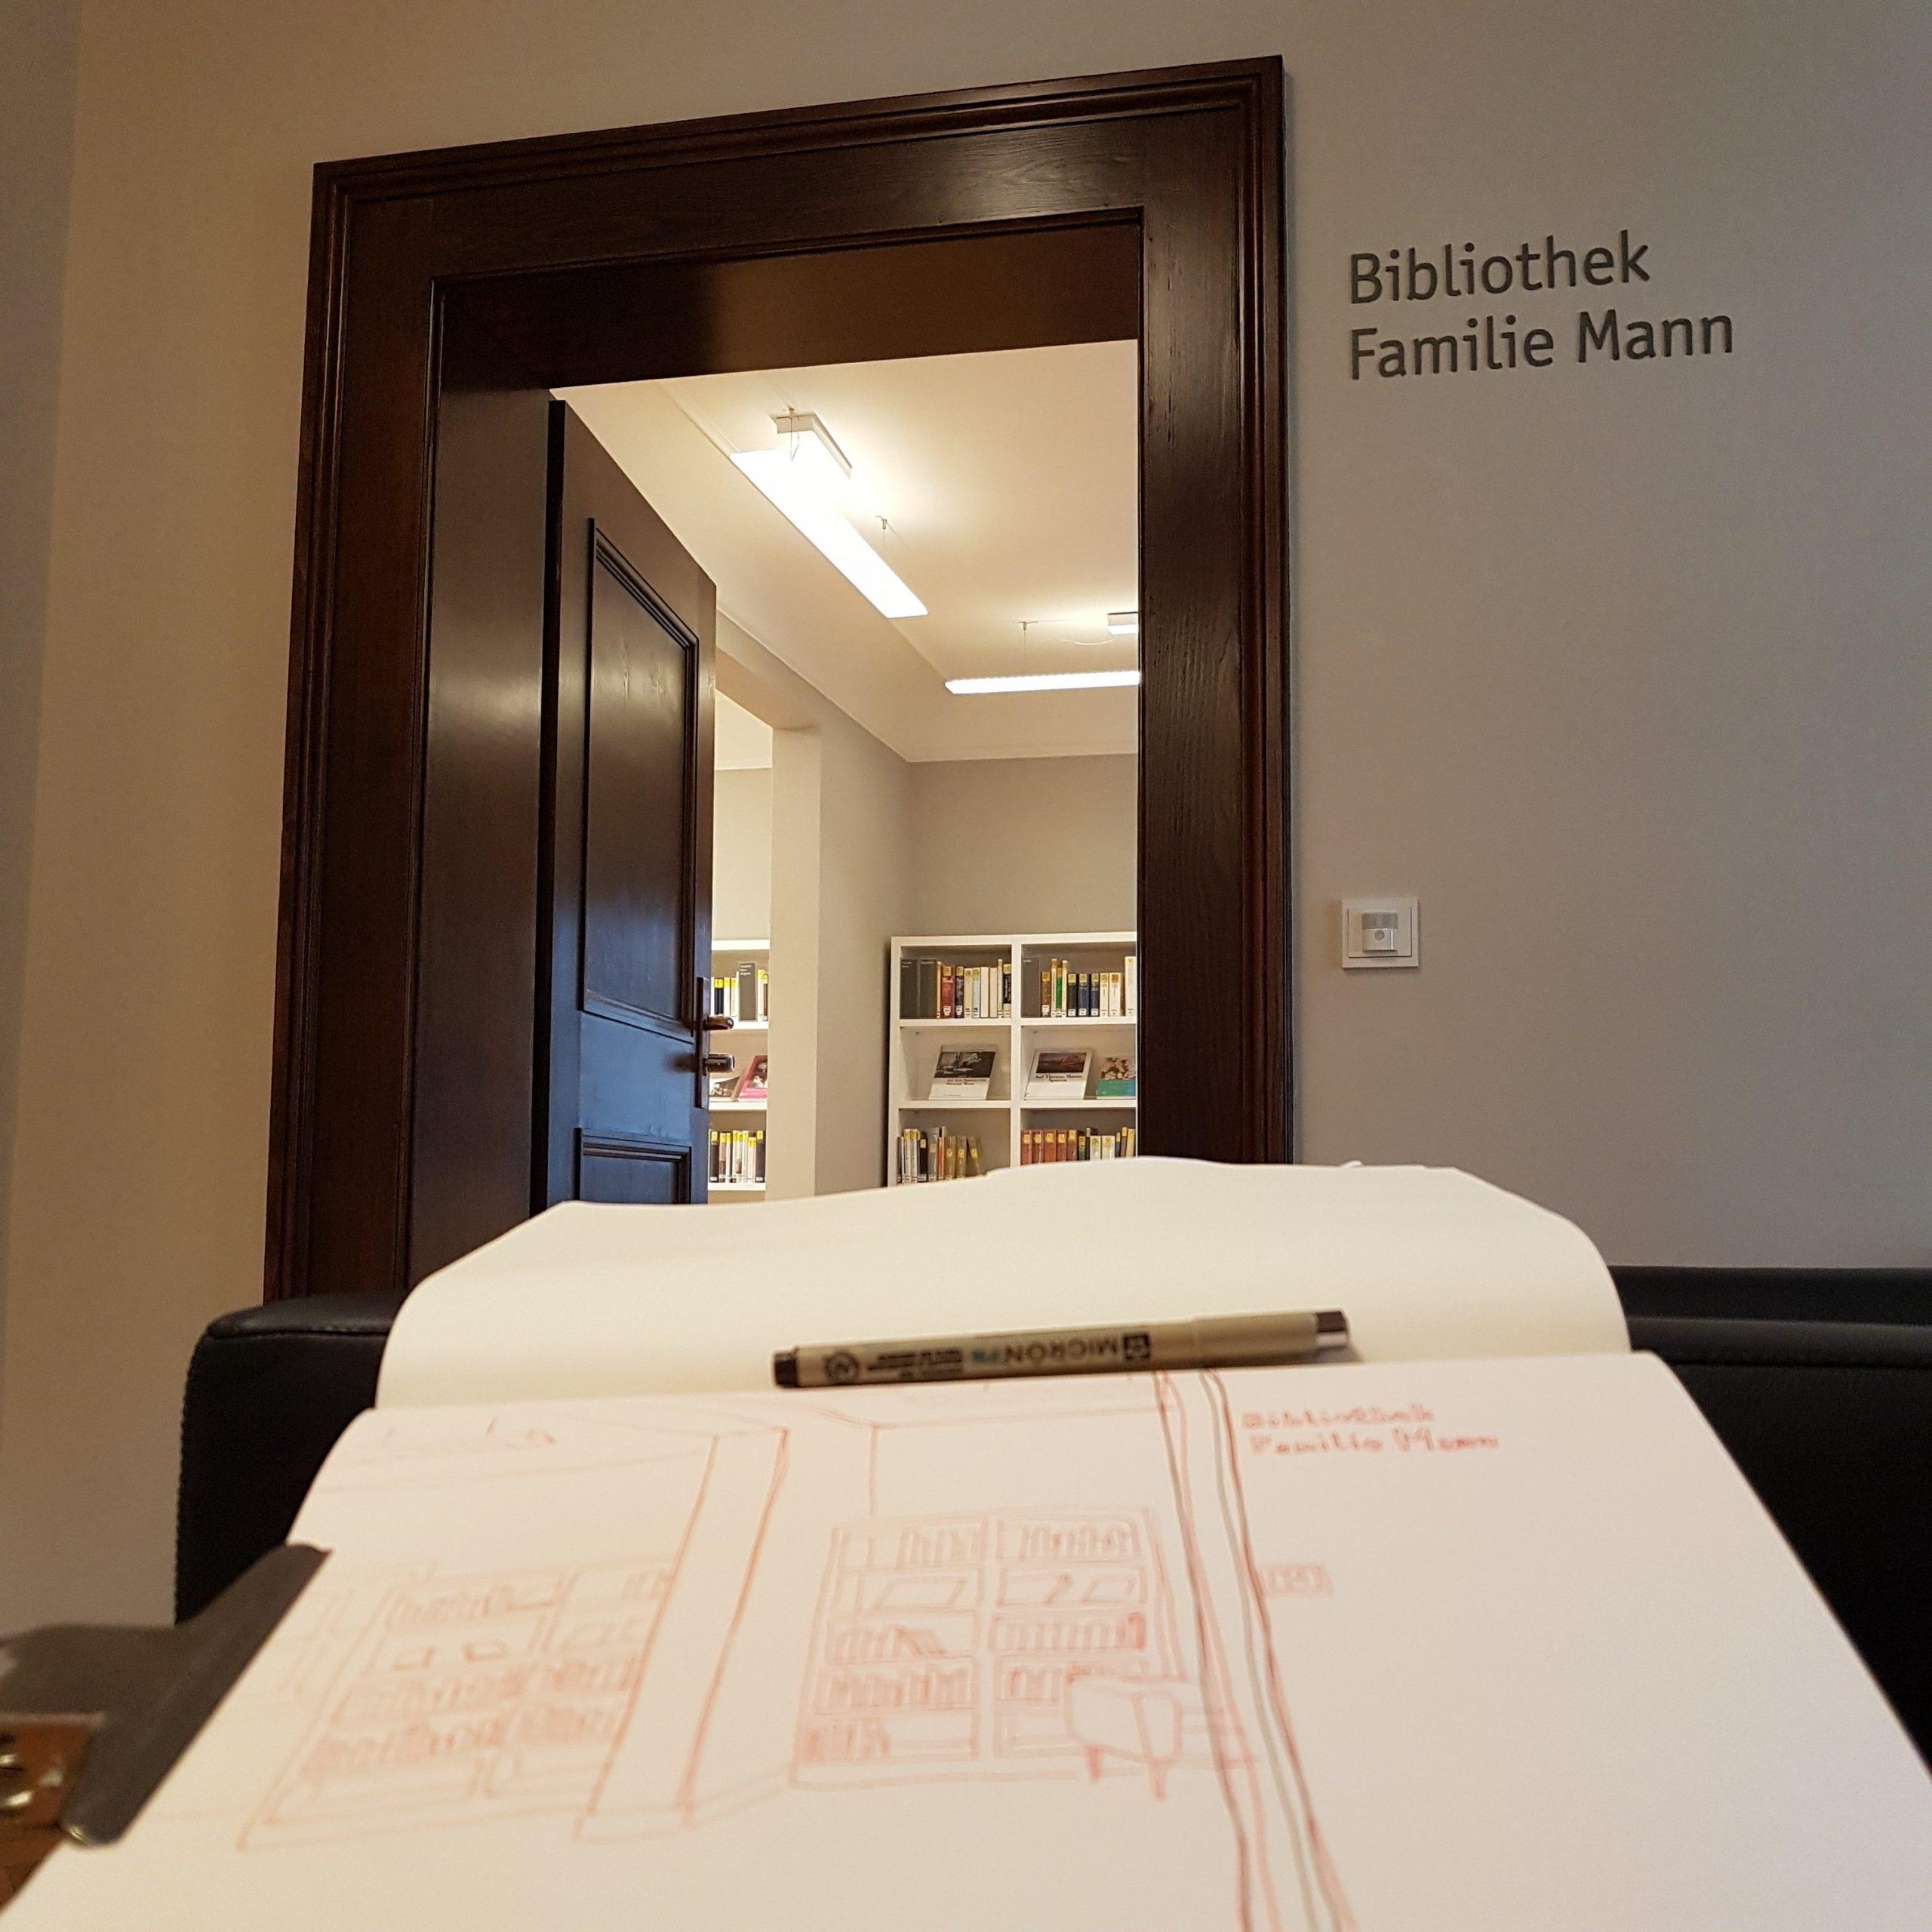 Foto: Blick vom Skizzenbuch zur offenen Tür in die Bibliothek Familie Mann.